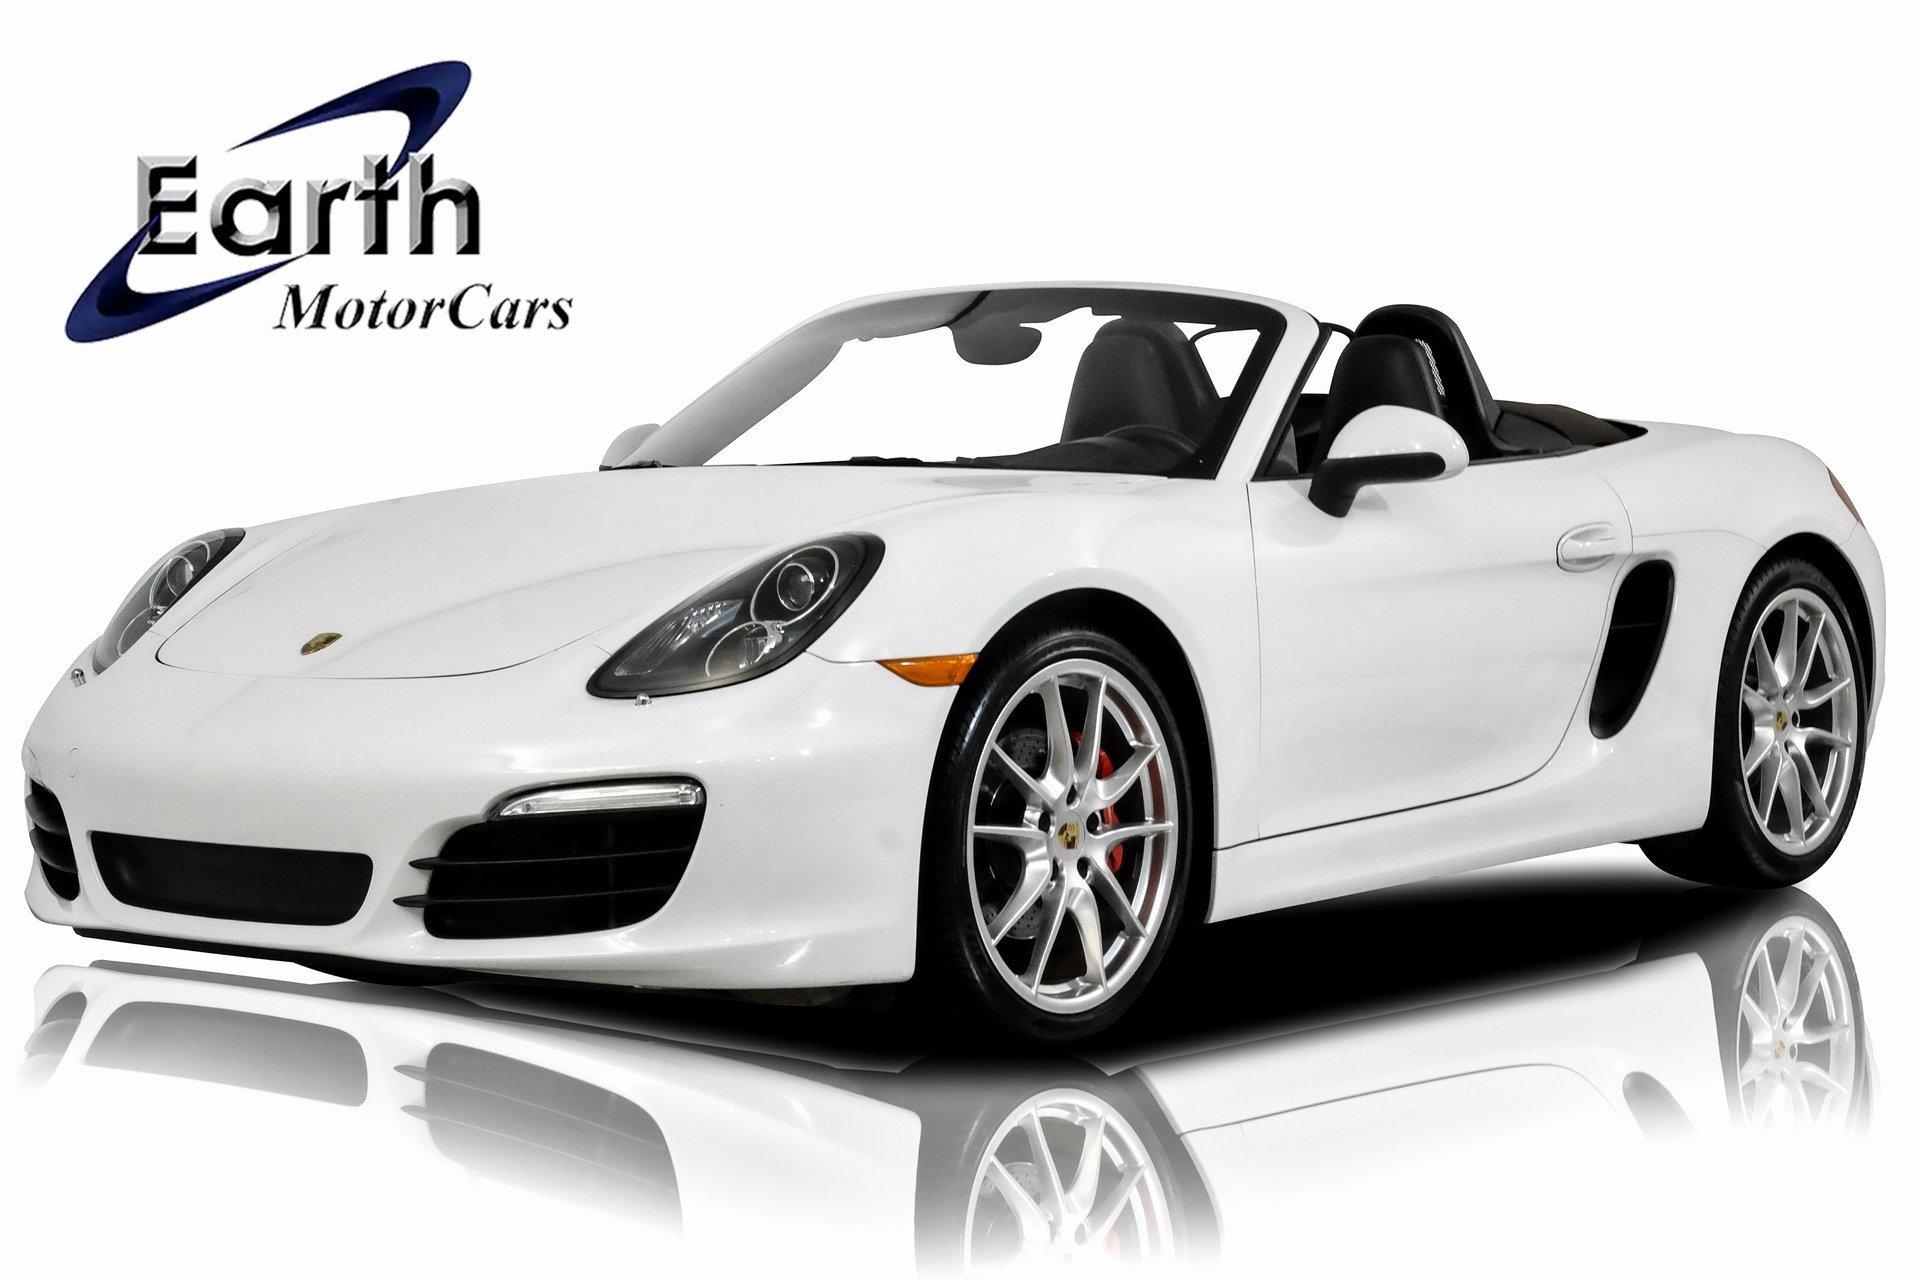 2013 Porsche Boxster S image